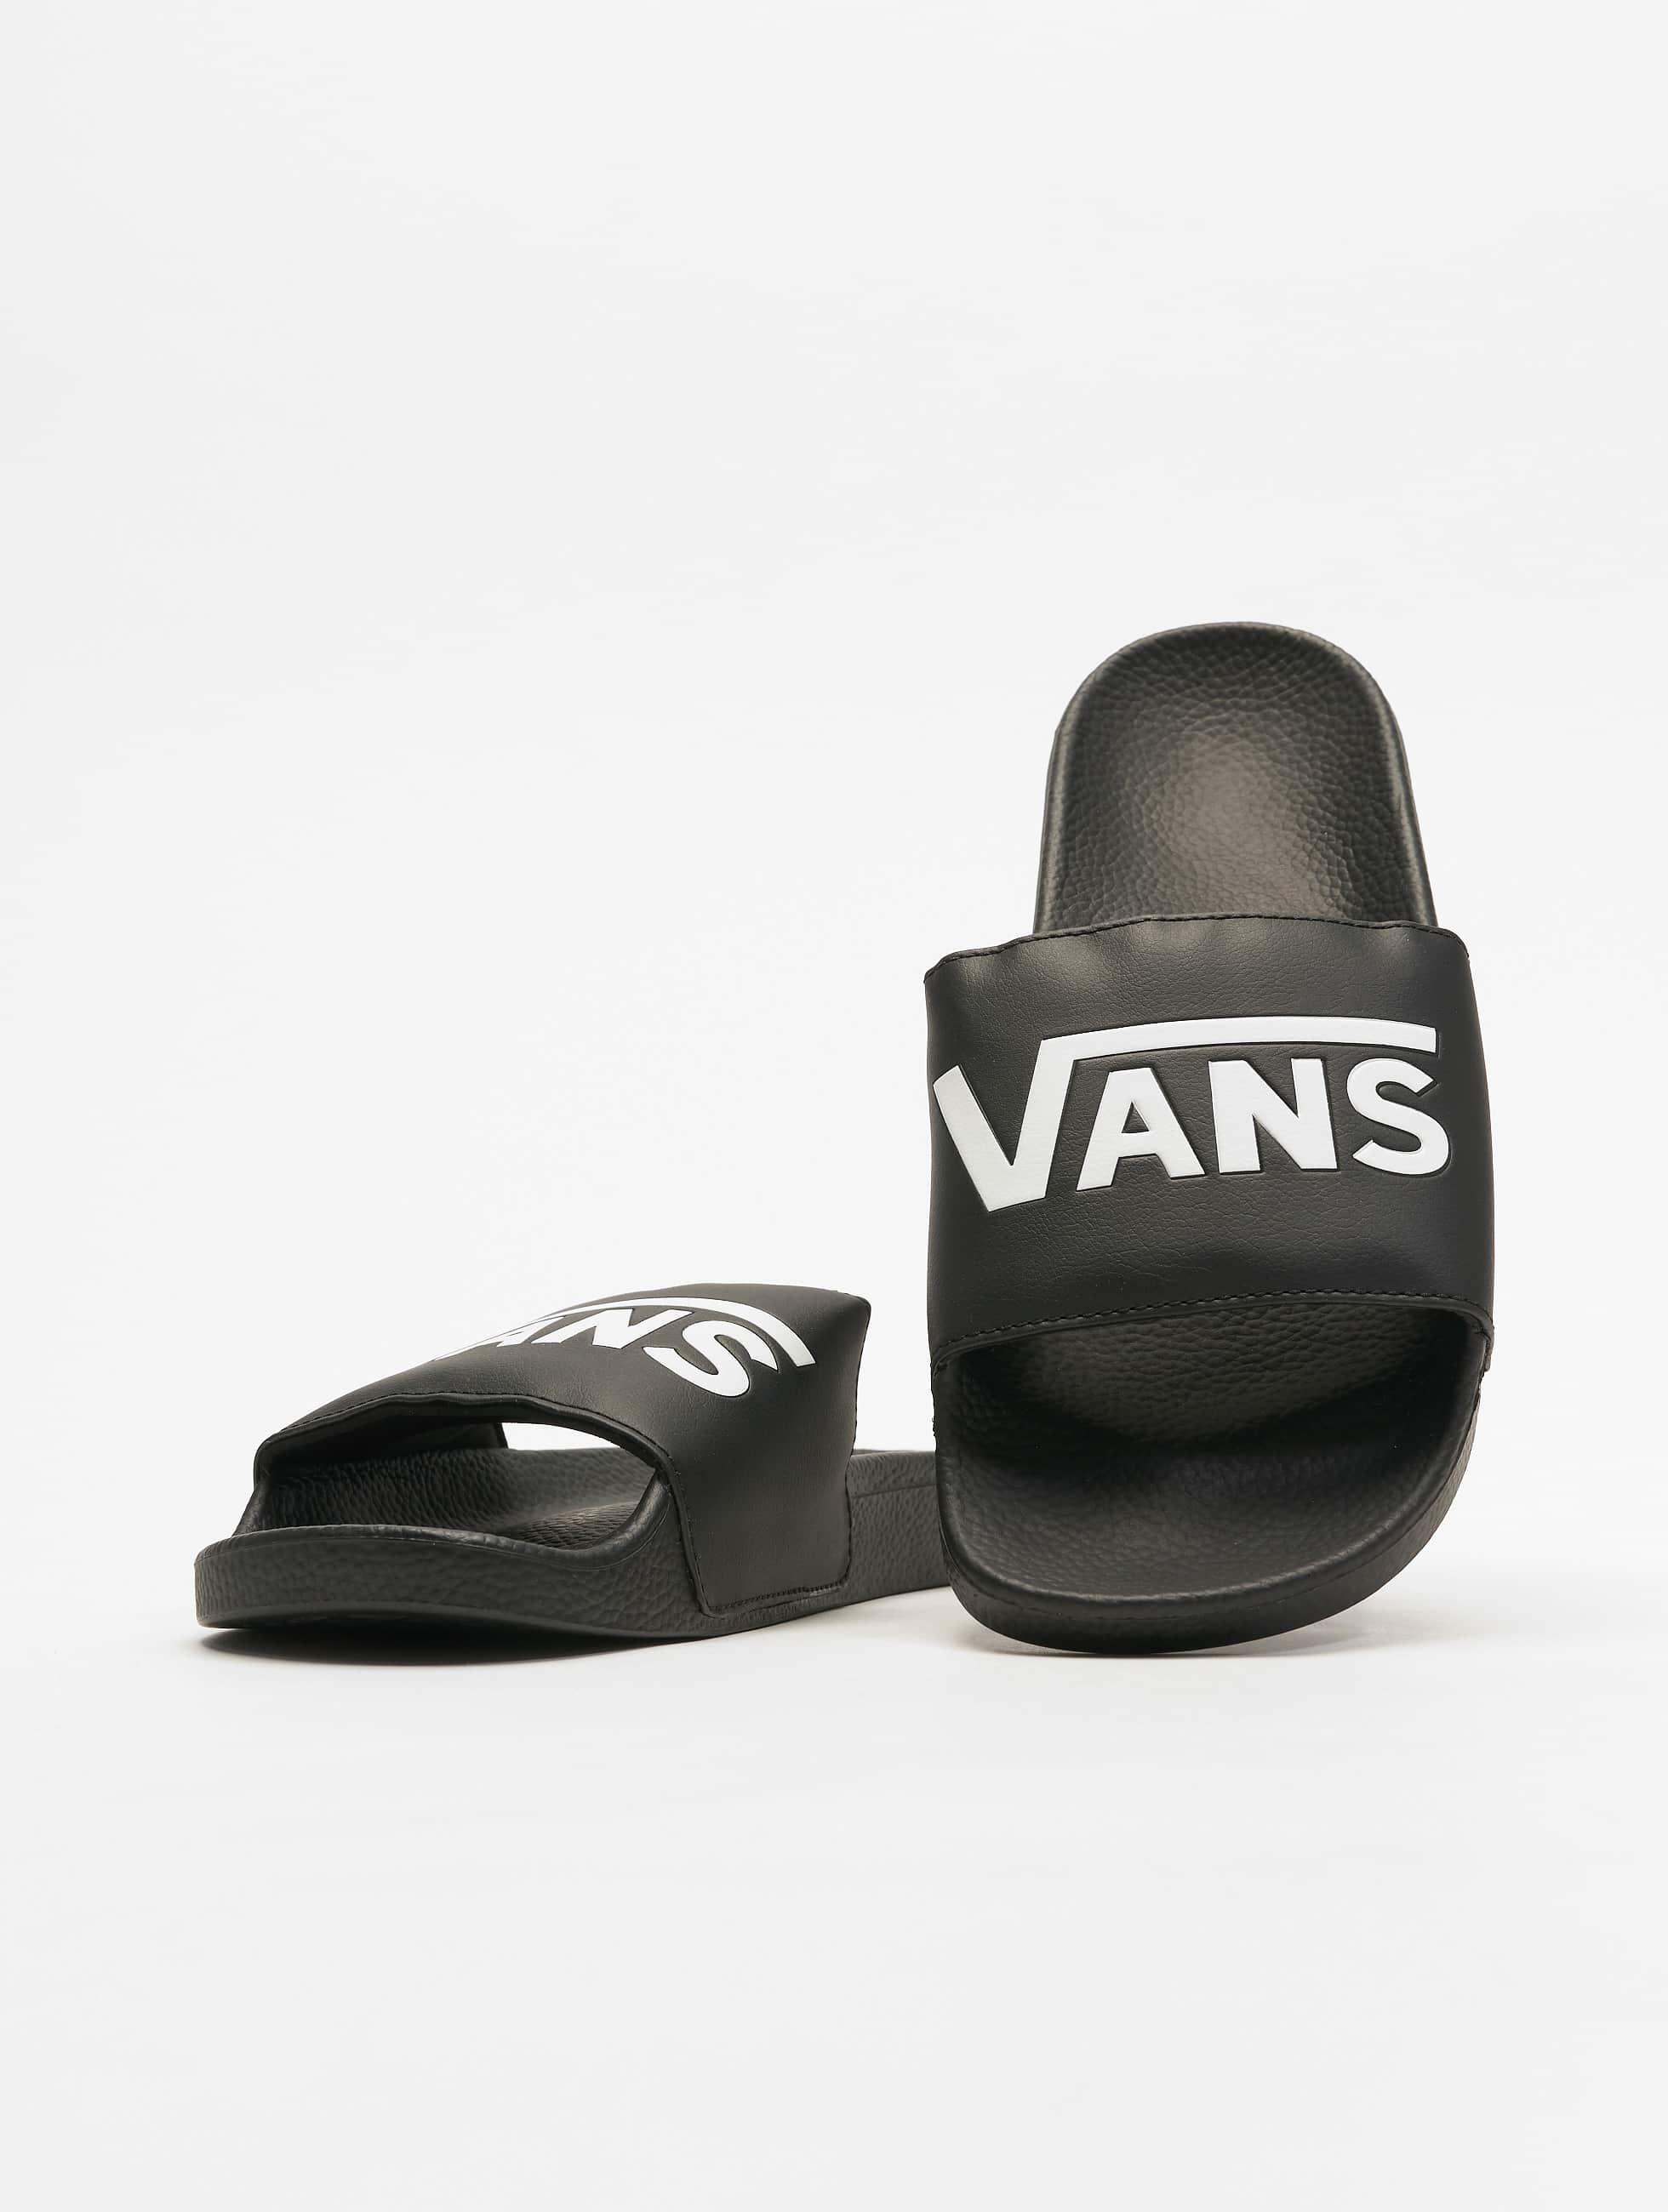 Vans Slide On Sandals Black